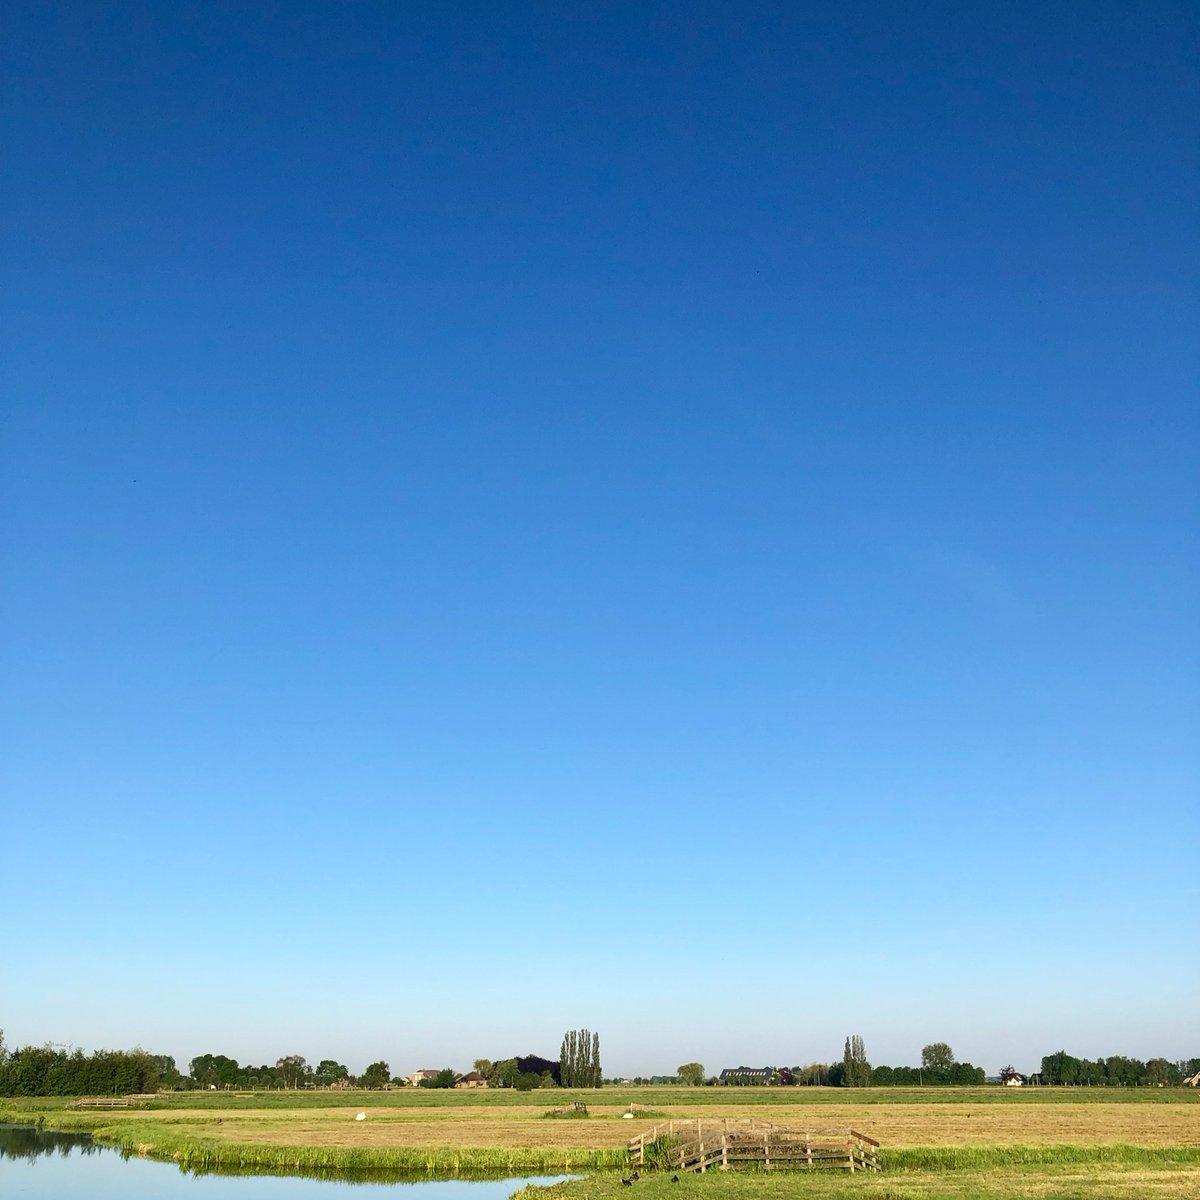 Een ochtend om door een ringetje te halen op 7 juni 2021 #goedemorgen #buitenmens #vroegevogel #groendijck #westeinde #driebruggen #platteland #groenehart #santosha #adem https://t.co/9eBZRzwyss